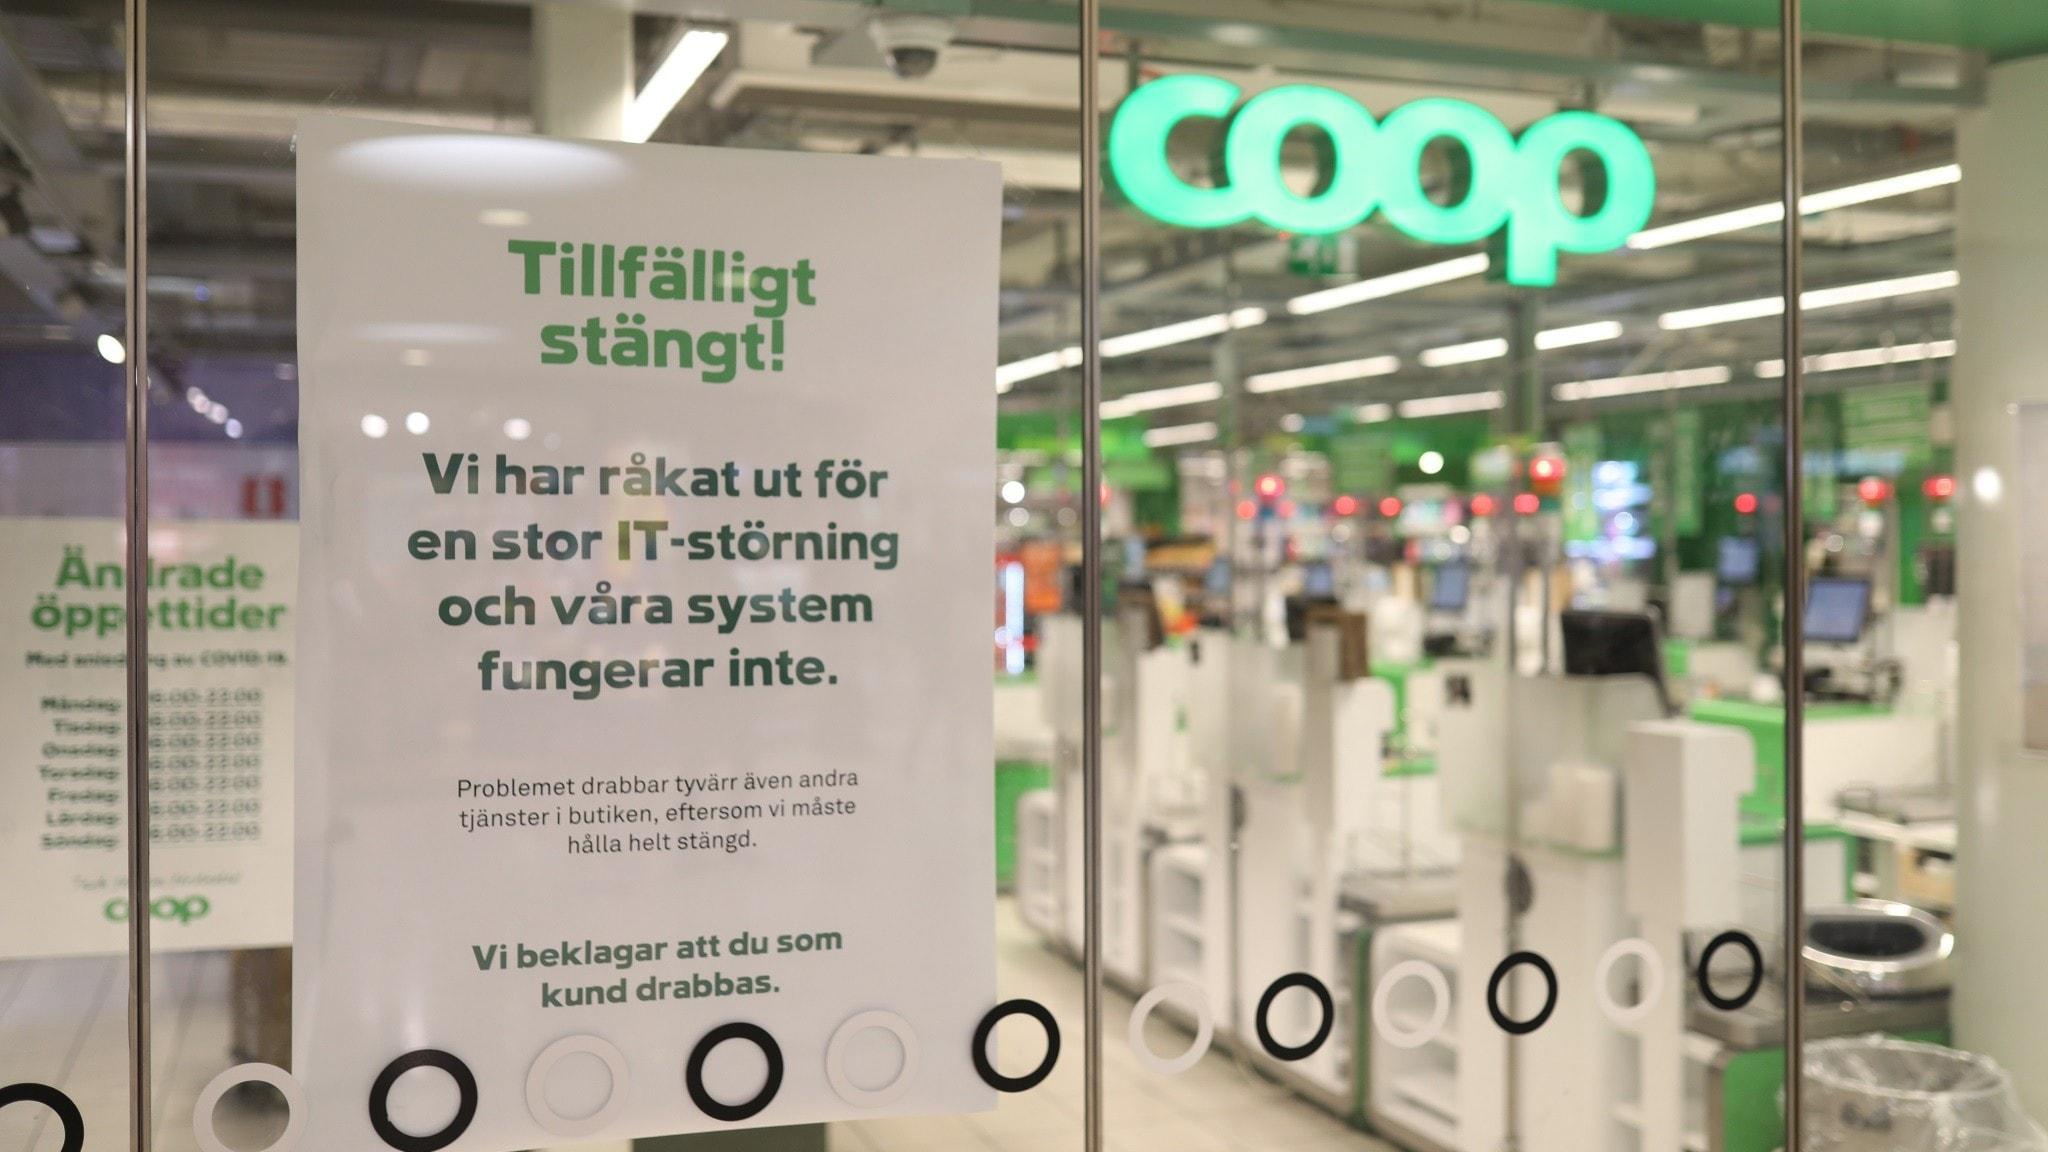 Coop stängt pga IT störning